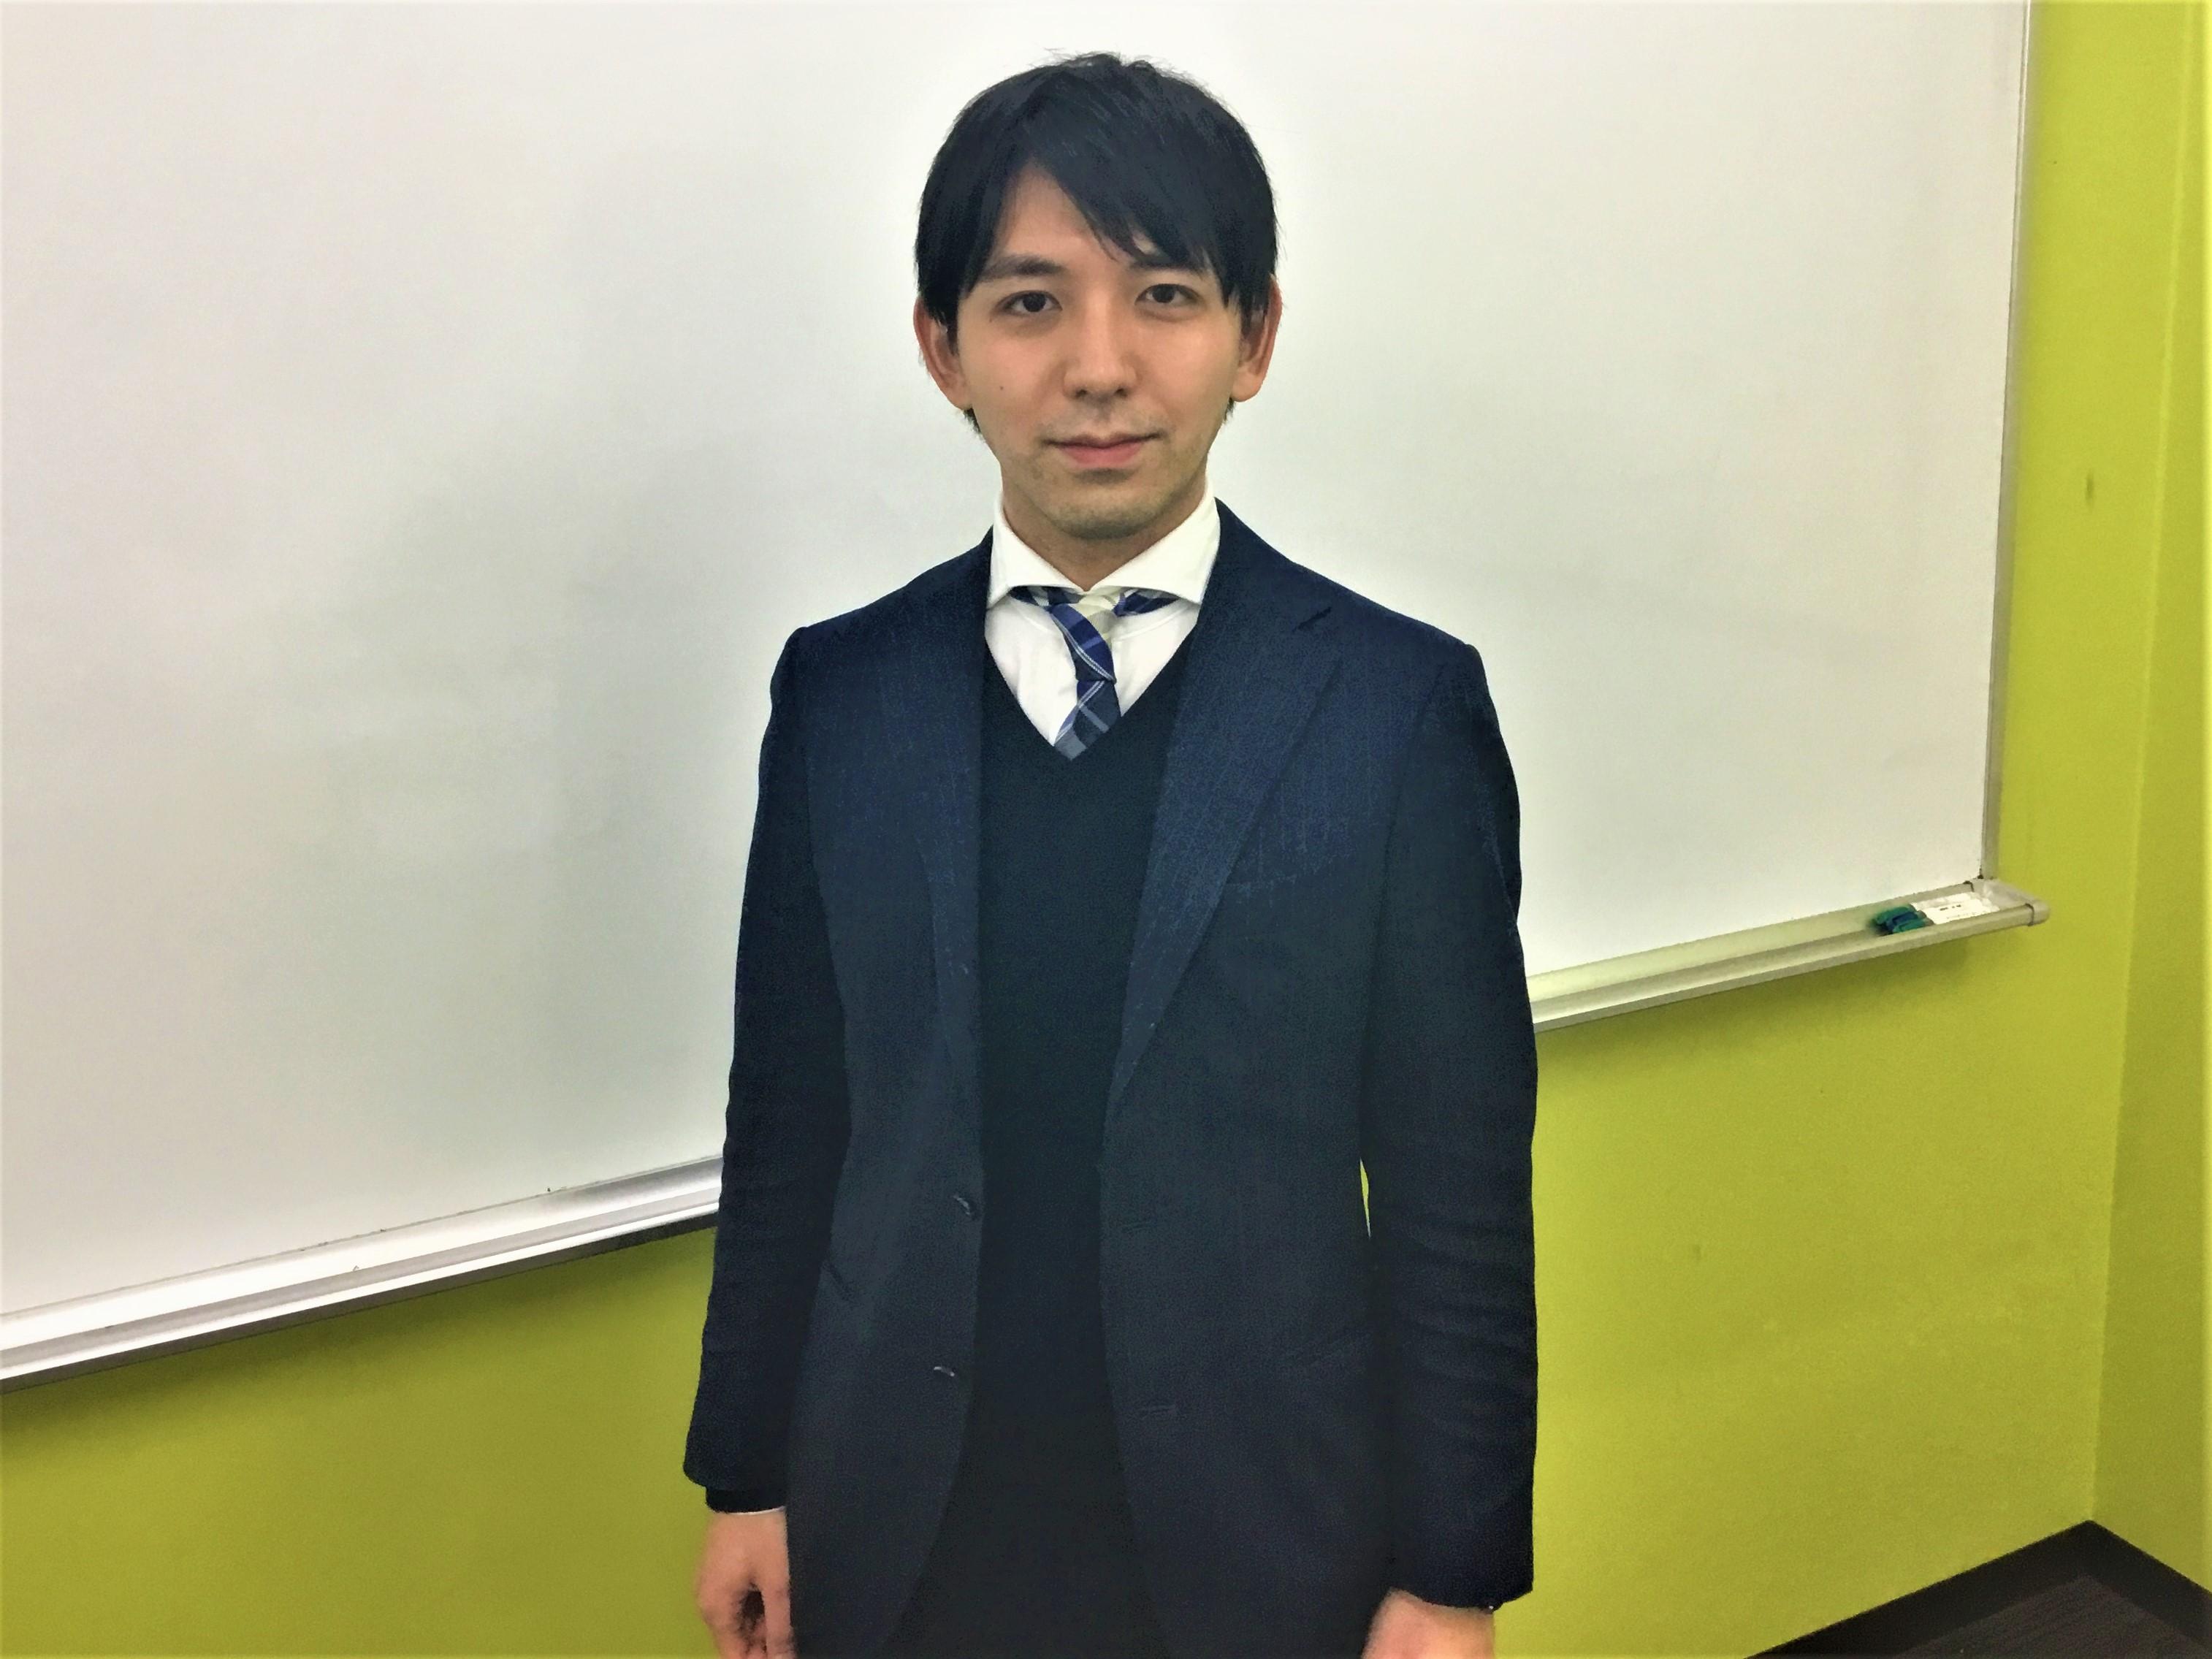 髙﨑先生の写真